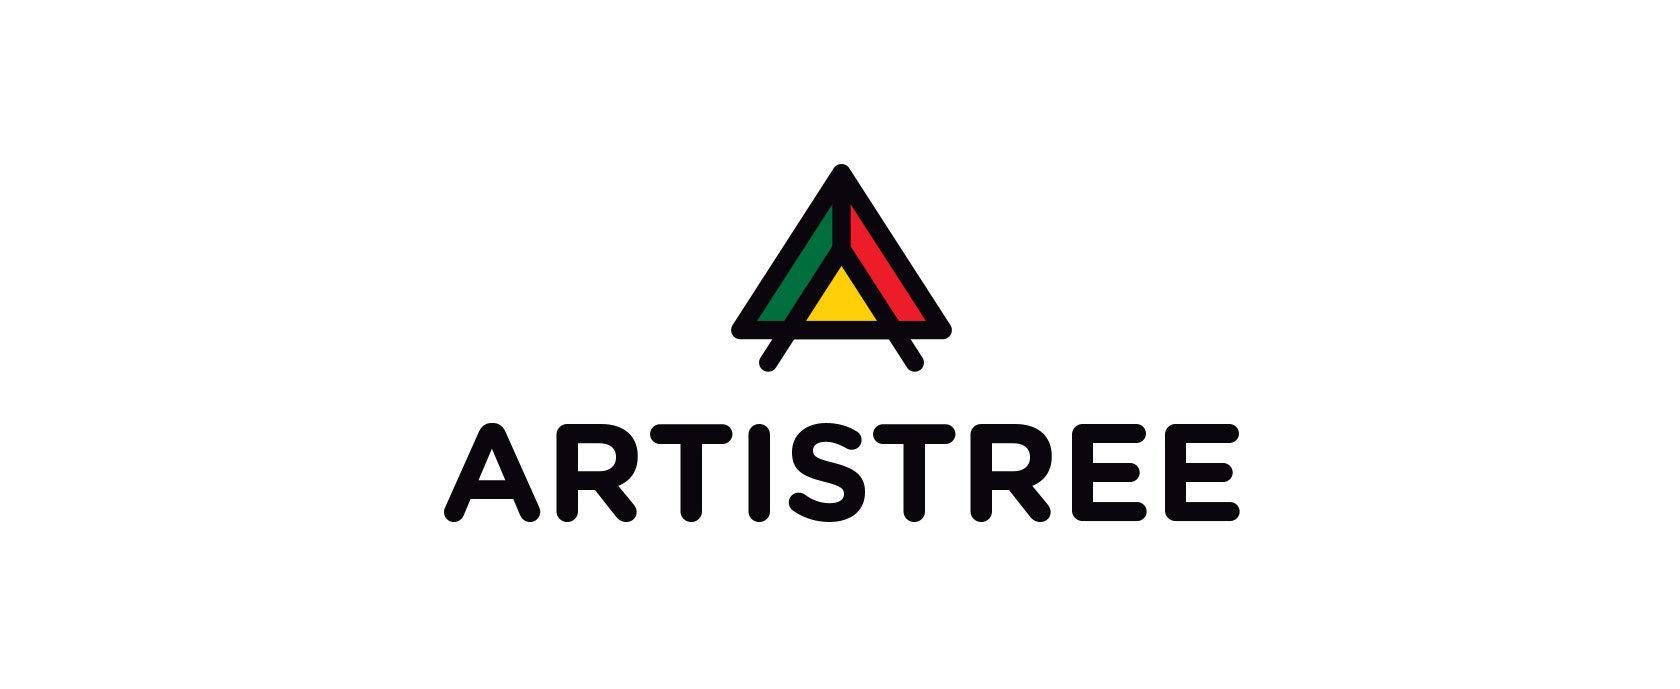 Artistree-logo-design-by-Furia